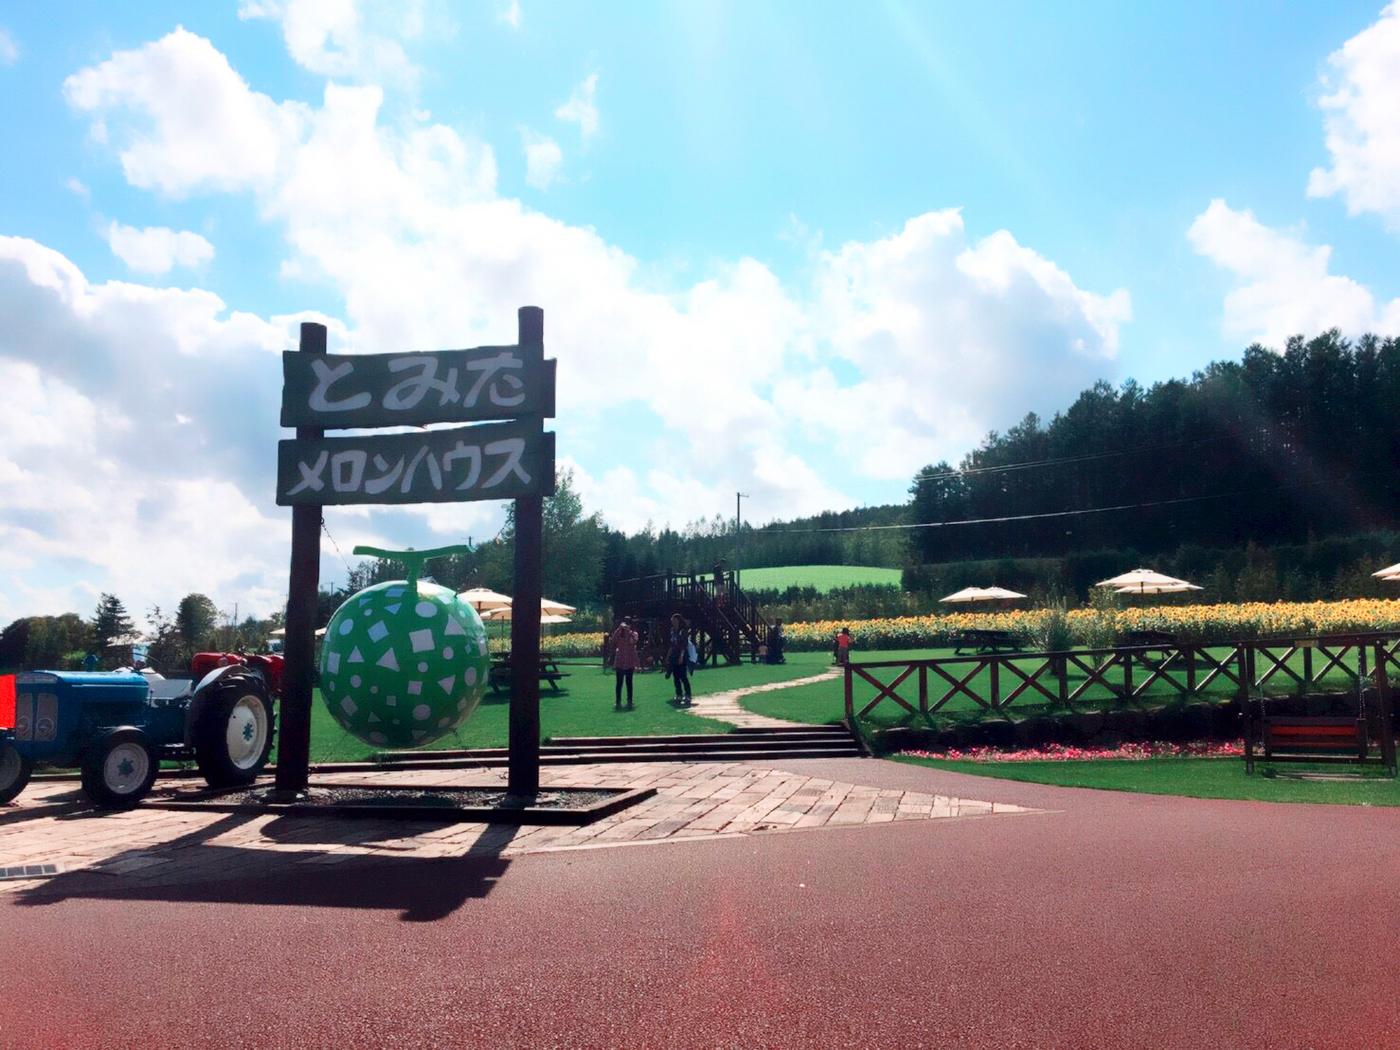 一度は訪れてみたい!北海道のおすすめ観光スポット♡の9枚目の画像の画像